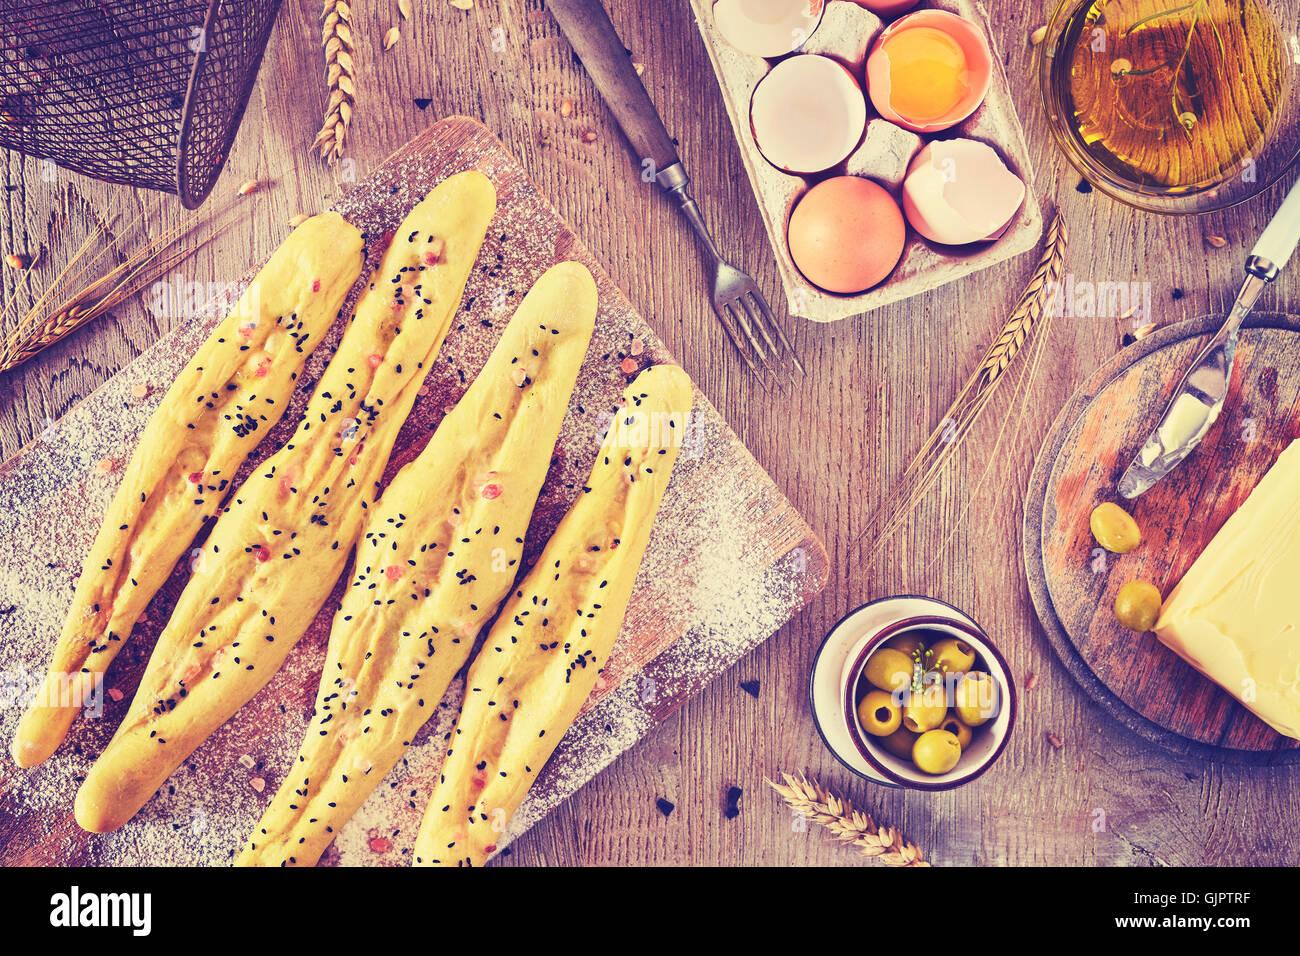 Vintage tonica grissini pronti per la cottura, locale rustico su un tavolo di legno. Immagini Stock